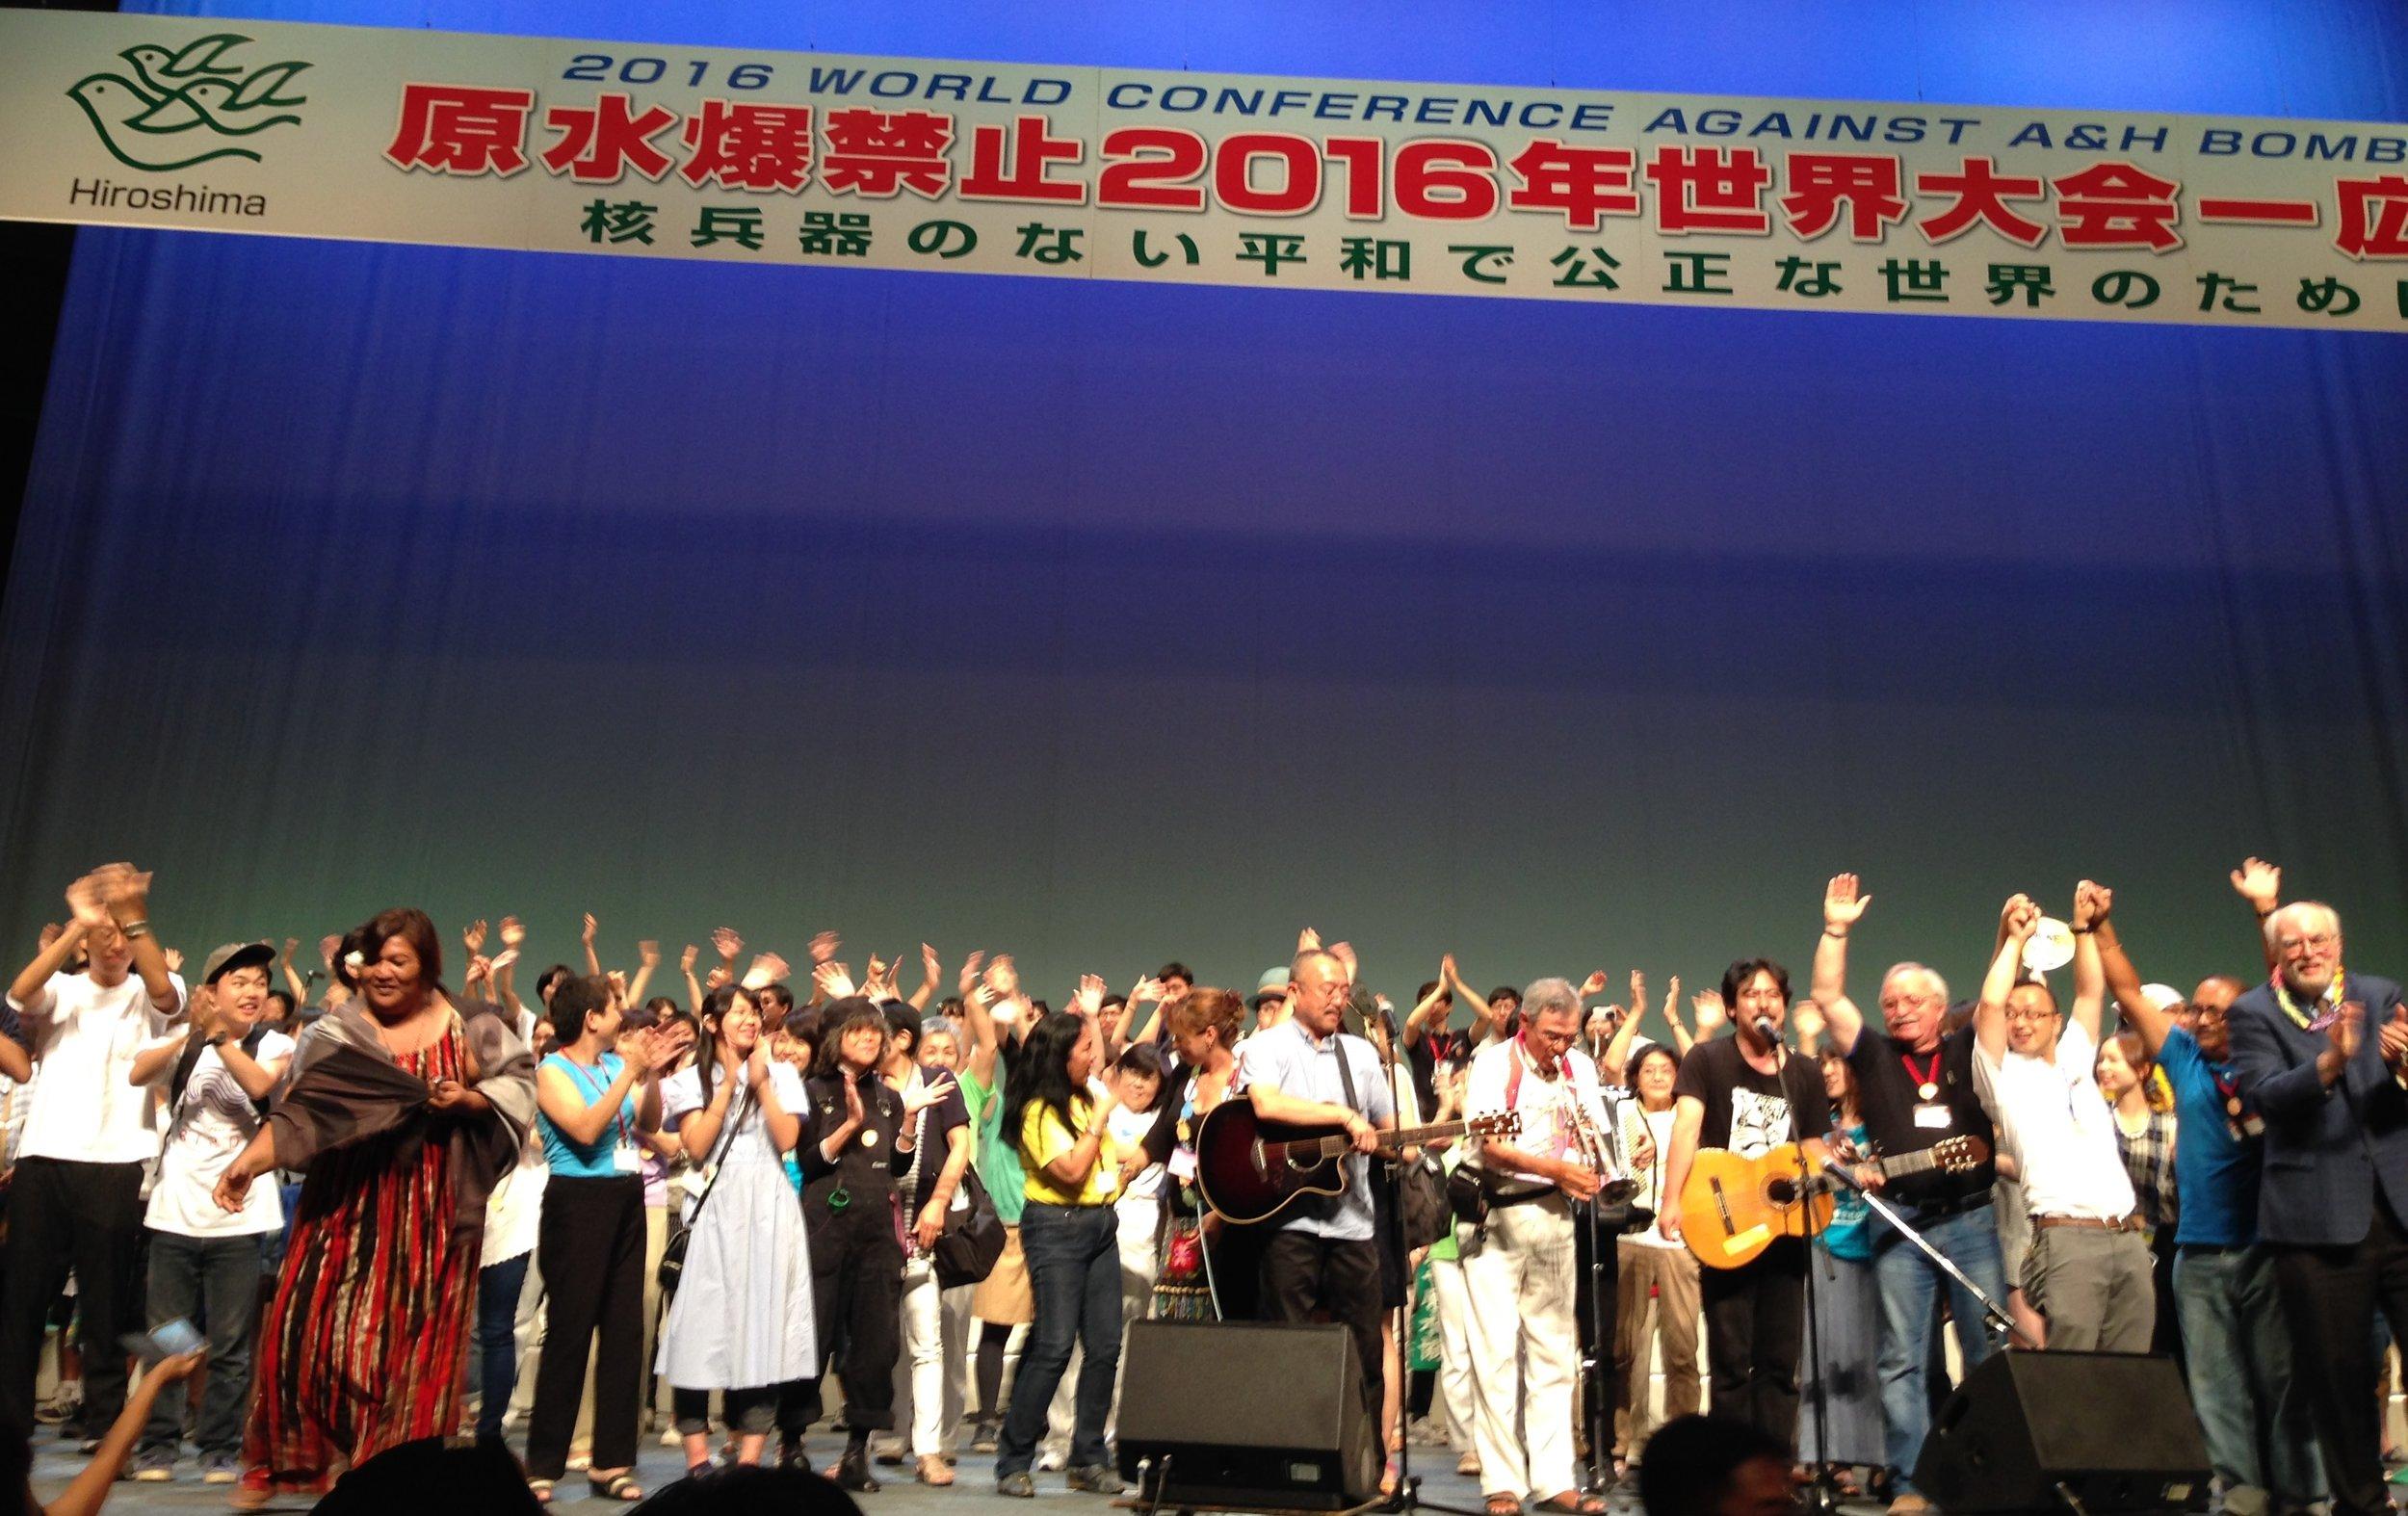 원자폭탄과수소폭탄 반대를 위한 세계 회의 폐막식에서 전 세계에서 온 참가자와 일본 대표자들이 무대에 나와 '우리는 이겨낼 것이다  We Shall Overcome '를 합창하였다. (사진: 팻 앤젤레스)